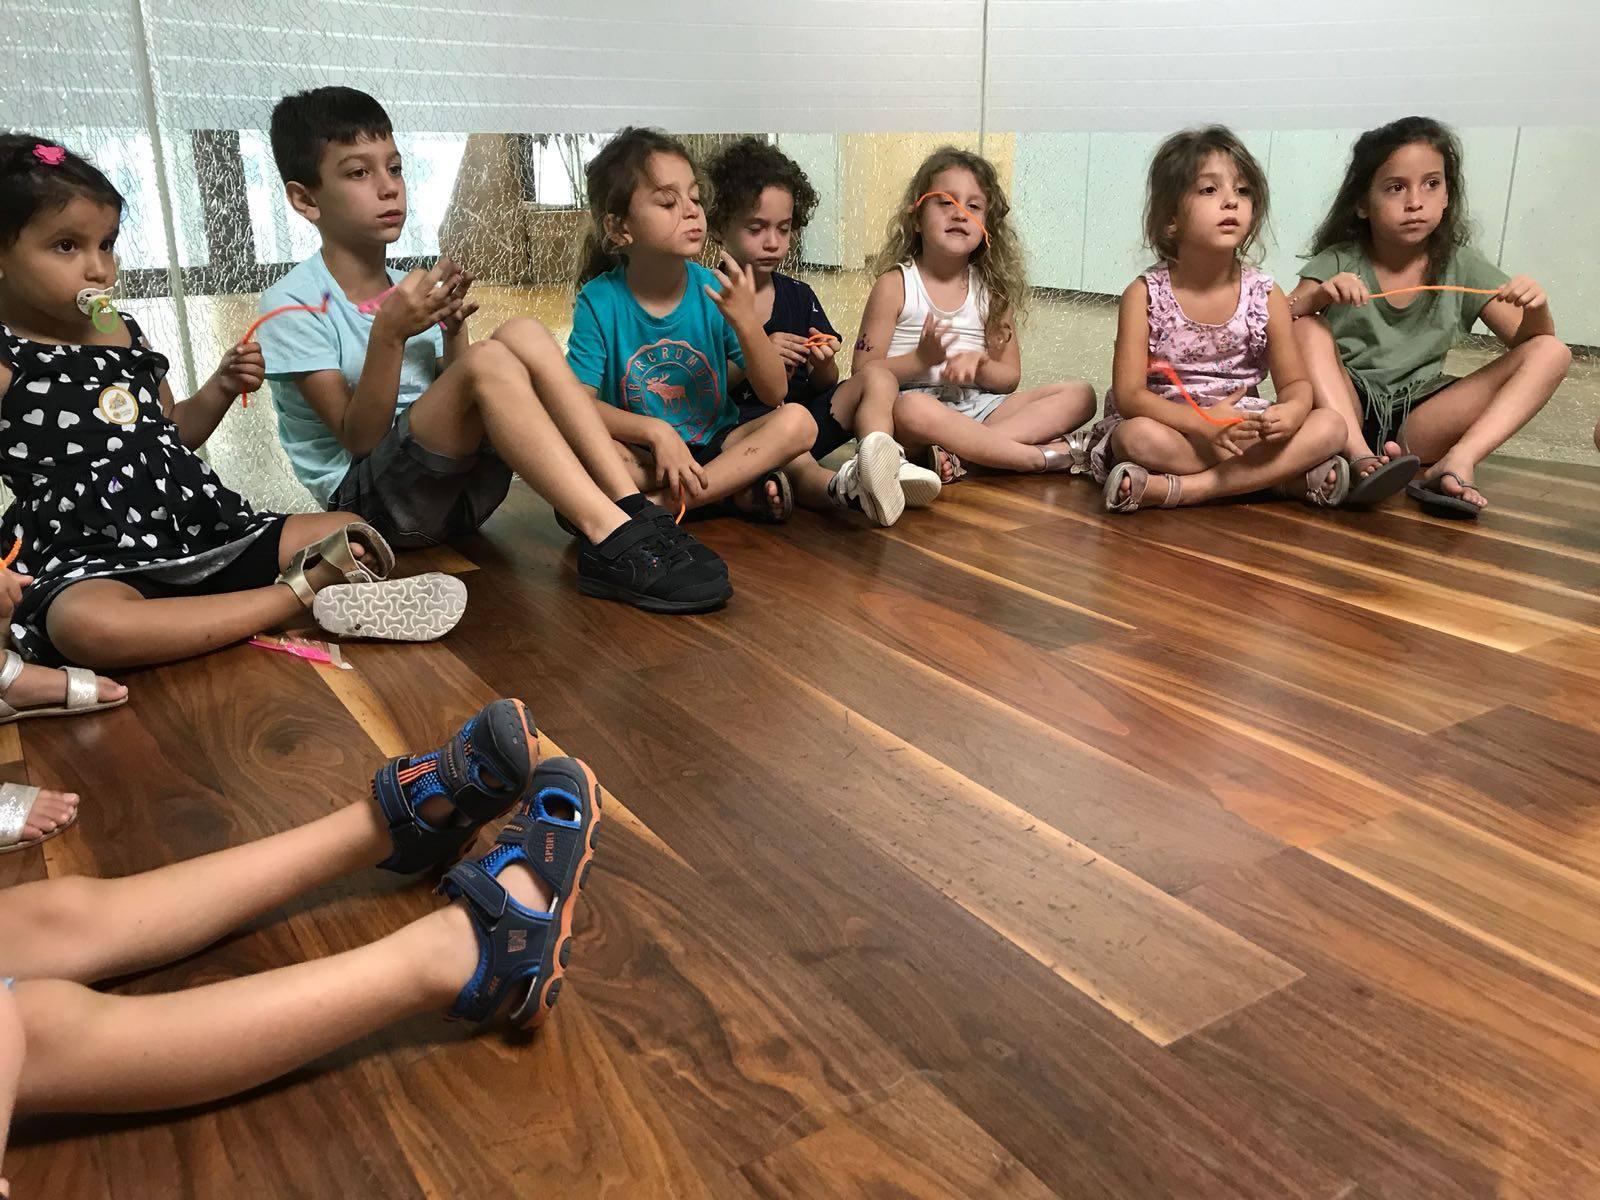 גלרייה - קייטנת ילדי הבורסה 17-31.08.2018 תמונה 9 מתוך 31